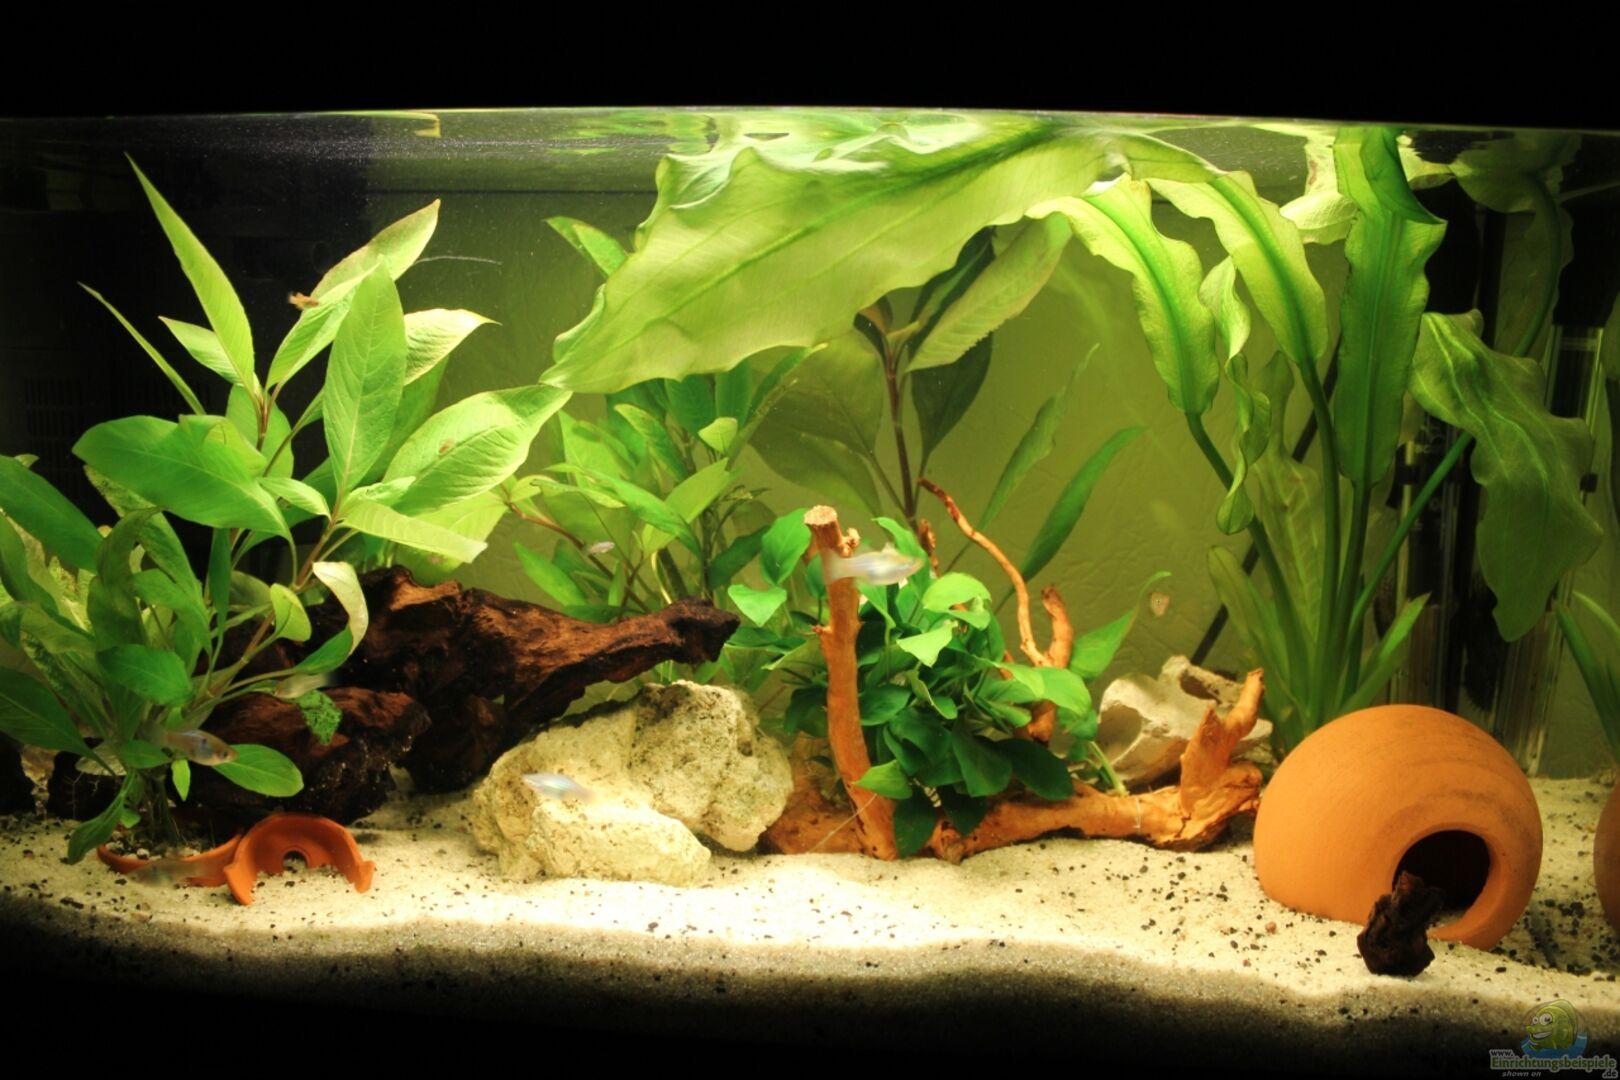 aquarium nach kleinem umbau mit neuer wurzel und anubia aus mein erstes von strandberd. Black Bedroom Furniture Sets. Home Design Ideas